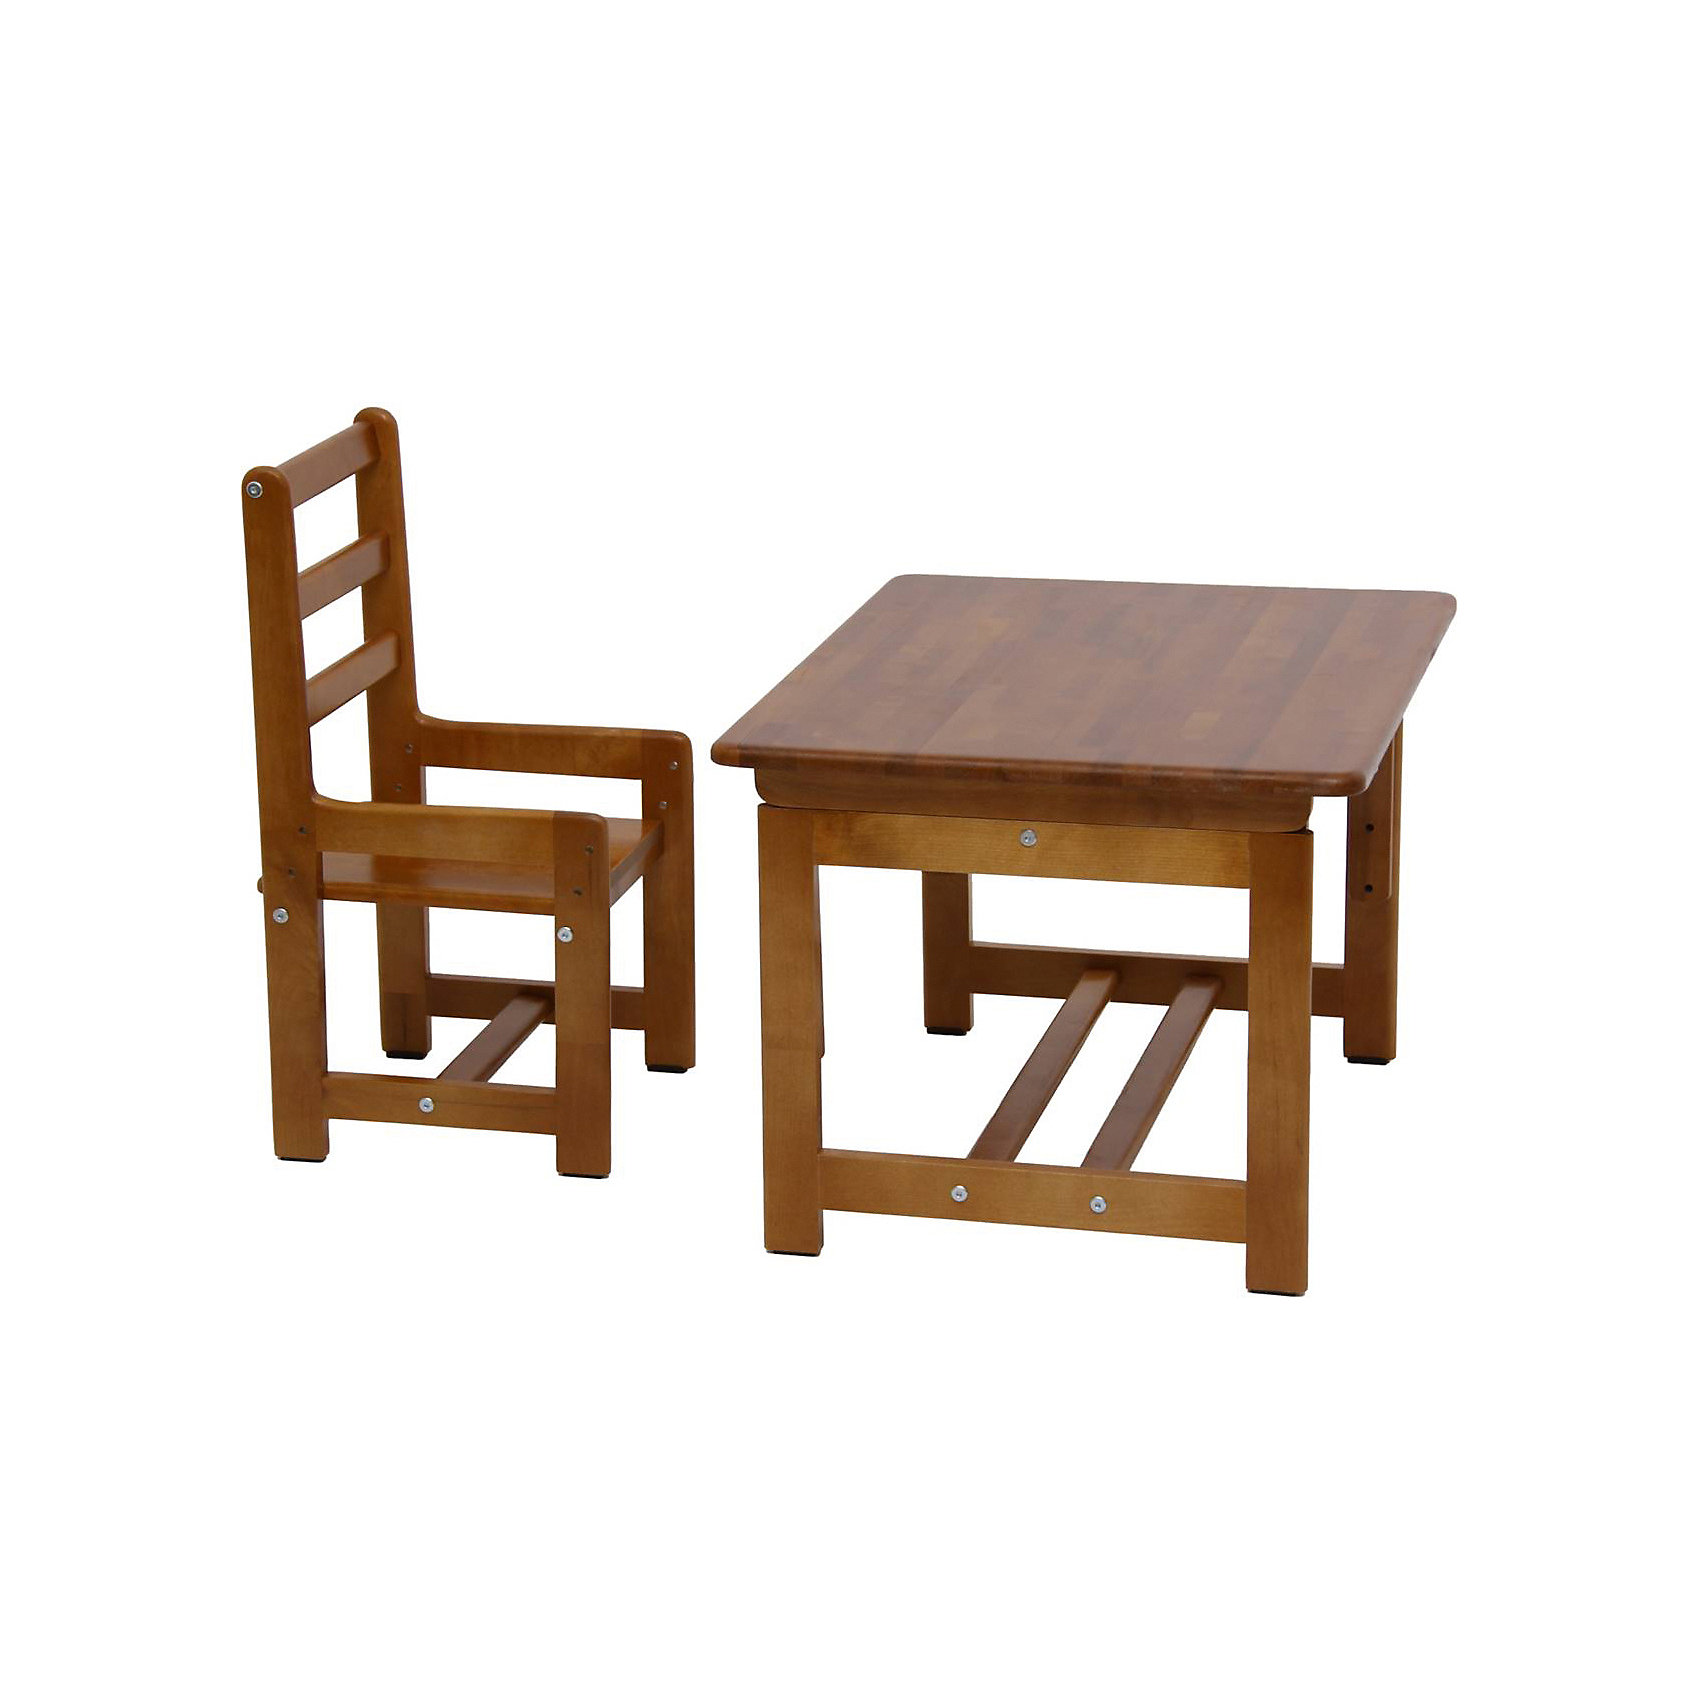 Комплект детской мебели Растем вместе, Фея, орехКачественная детская мебель всегда отличается от взрослой, так как производится с учетом строения тела малыша и того, что он быстро растет. Данный комплект состоит из стульчика и столика, размер которых можно менять и подстраивать под рост ребенка. Эту мебель можно использовать и для игр, и для кормления, и для обучения.<br>Предметы мебели сделаны из дерева, покрытого лаком. Угол наклона стола можно менять в зависимости от его назначения в данный момент. Все материалы тщательно подобраны специалистами и безопасны для детей.<br><br>Дополнительная информация:<br><br>цвет: орех;<br>материал: дерево;<br>размеры стола: 70 х 55 х 46 см (три уровня высоты: 46, 52, 58 см);<br>размеры стула: 330 х 34 х 64 см (три уровня высоты: 26, 30, 34 см);<br>вес набора: 5,2 кг.<br><br>Комплект детской мебели Растем вместе торговой марки Фея можно купить в нашем магазине.<br><br>Ширина мм: 644<br>Глубина мм: 470<br>Высота мм: 640<br>Вес г: 12300<br>Возраст от месяцев: 36<br>Возраст до месяцев: 120<br>Пол: Унисекс<br>Возраст: Детский<br>SKU: 4873623